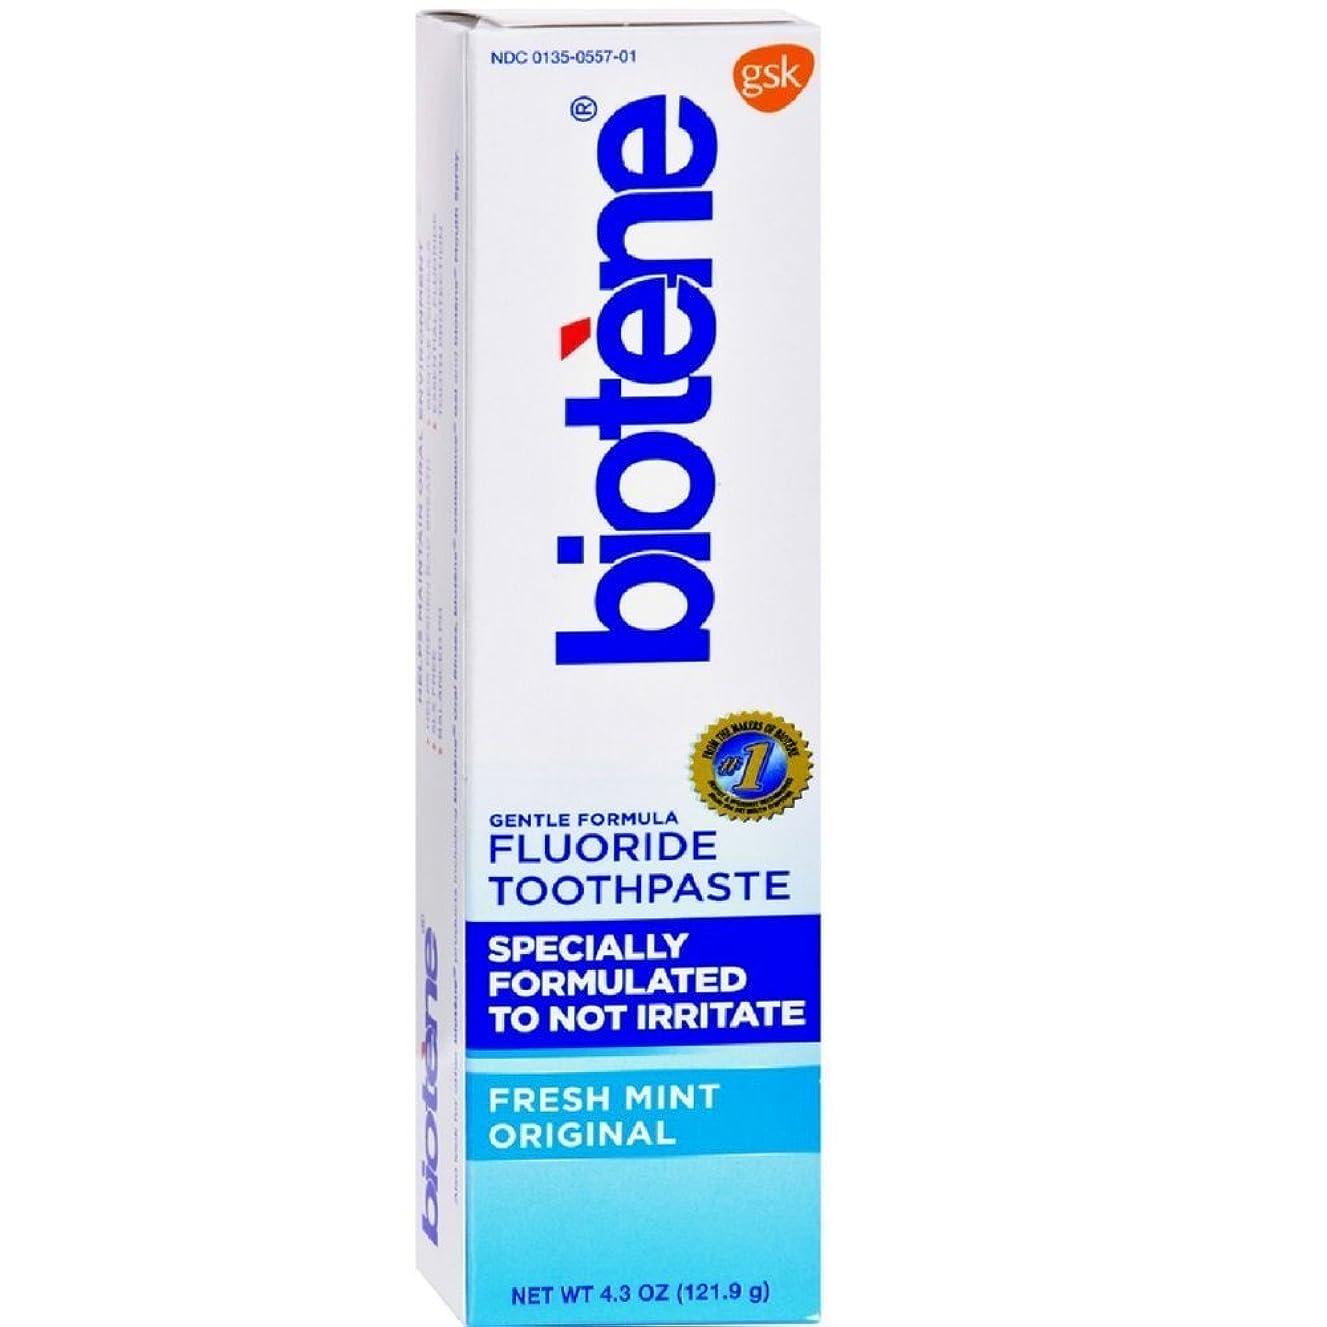 なくなる手つかずの活気づけるBiotène Bioteneジェントル式フッ化物の歯磨き粉、フレッシュミント4.3オズ(12パック) 12のパック